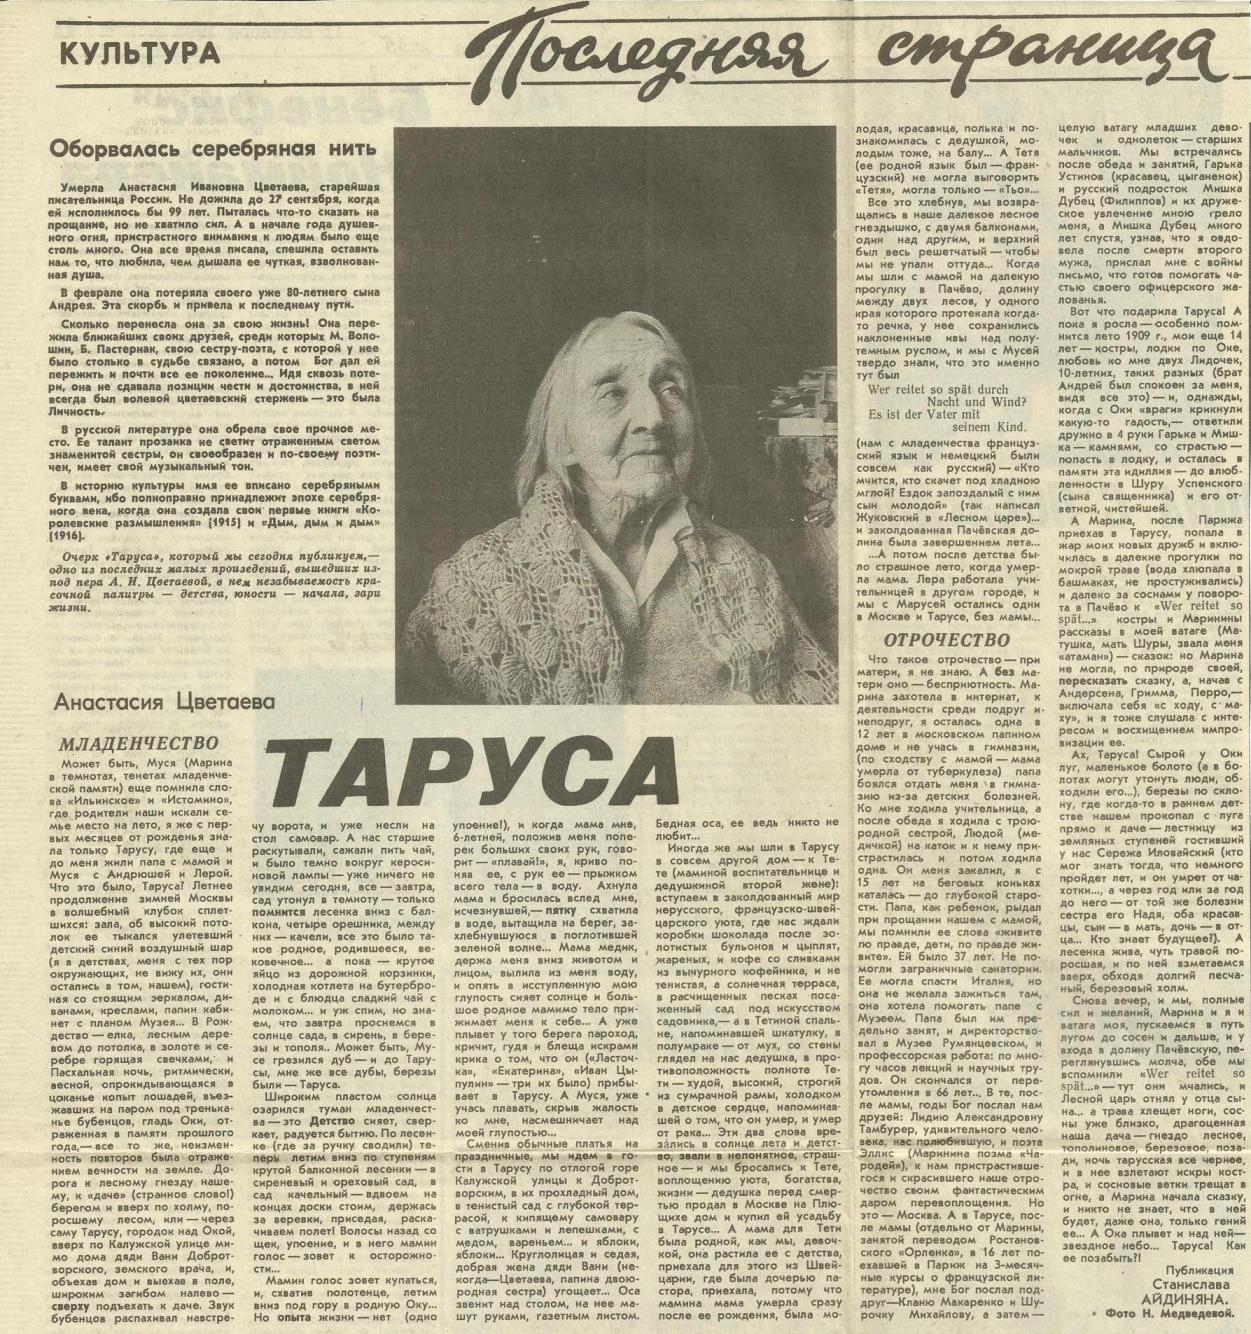 Культура, №35, 11 сентября 1993.jpg